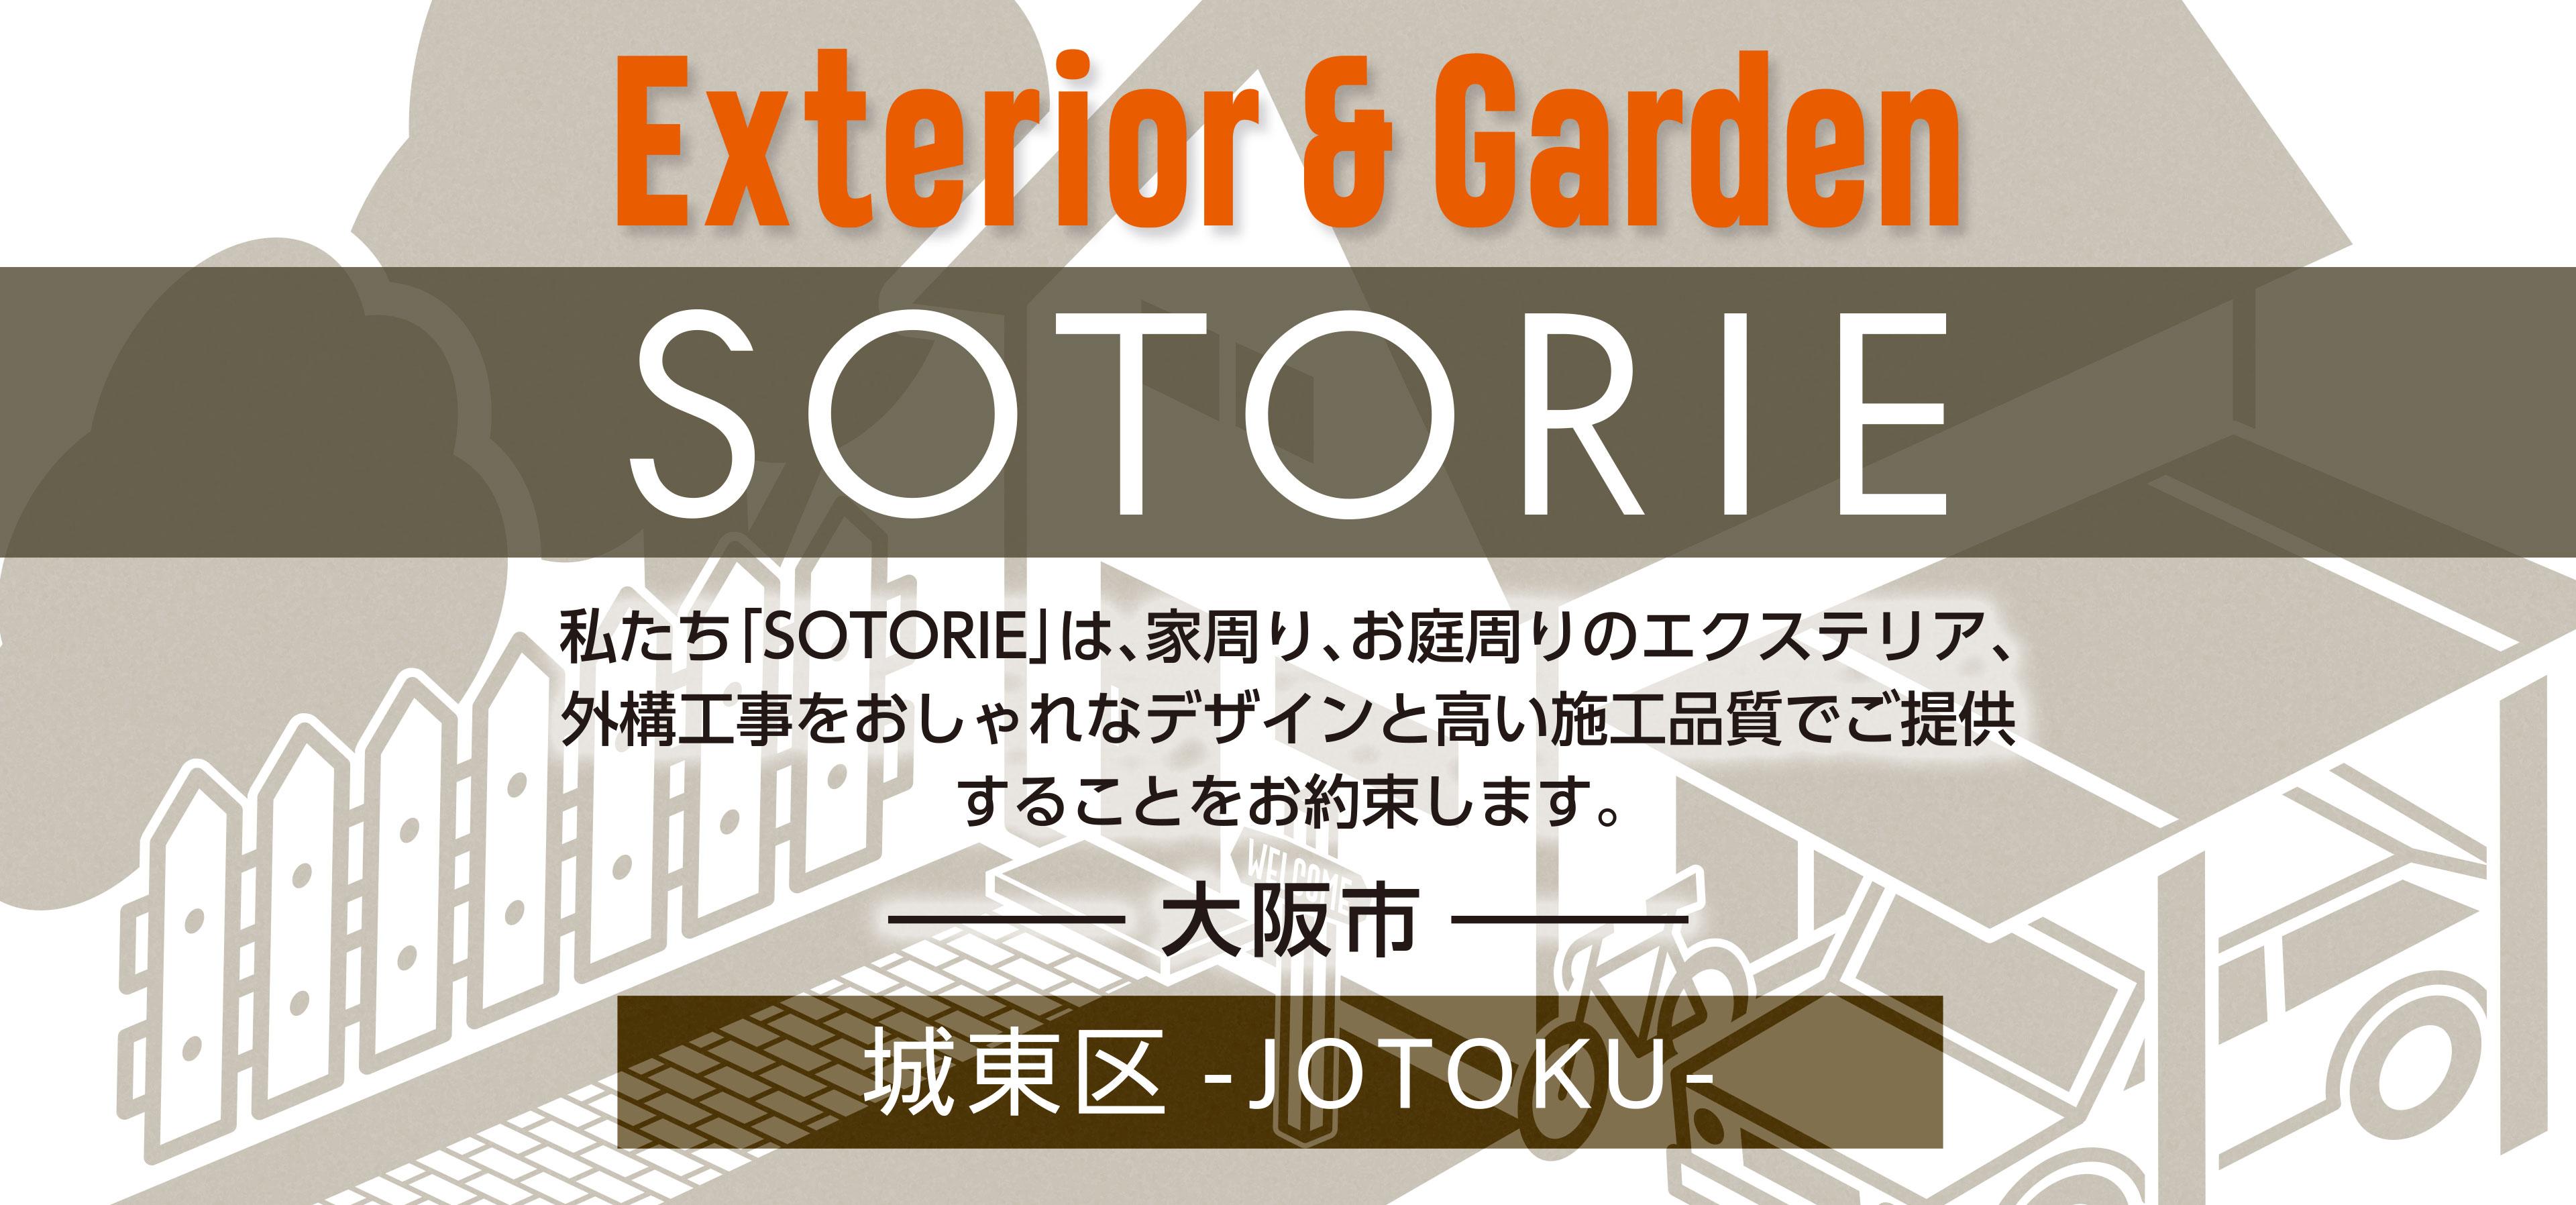 ソトリエ大阪市城東区では、家周りと庭周りの外構、エクステリア工事をおしゃれなデザインと高い施工品質でご提供することをお約束します。